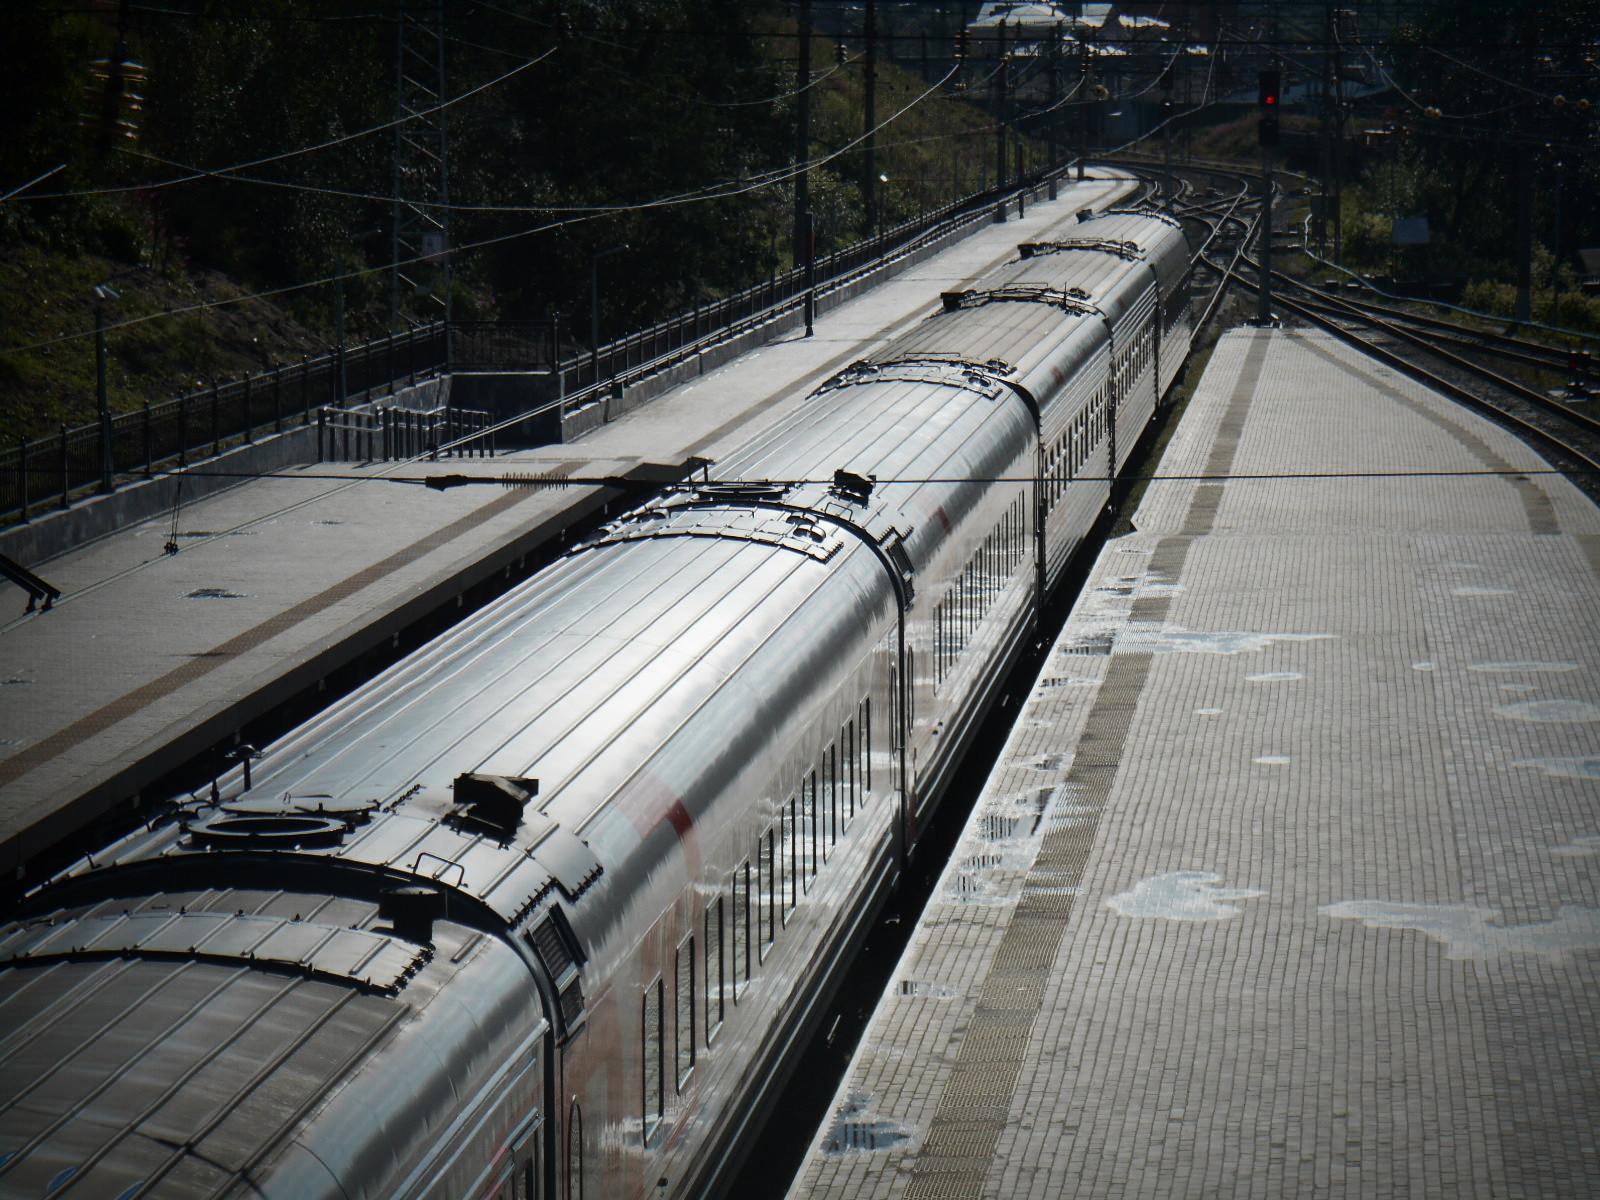 ЖД вокзал города Мурманск состав к сцепке